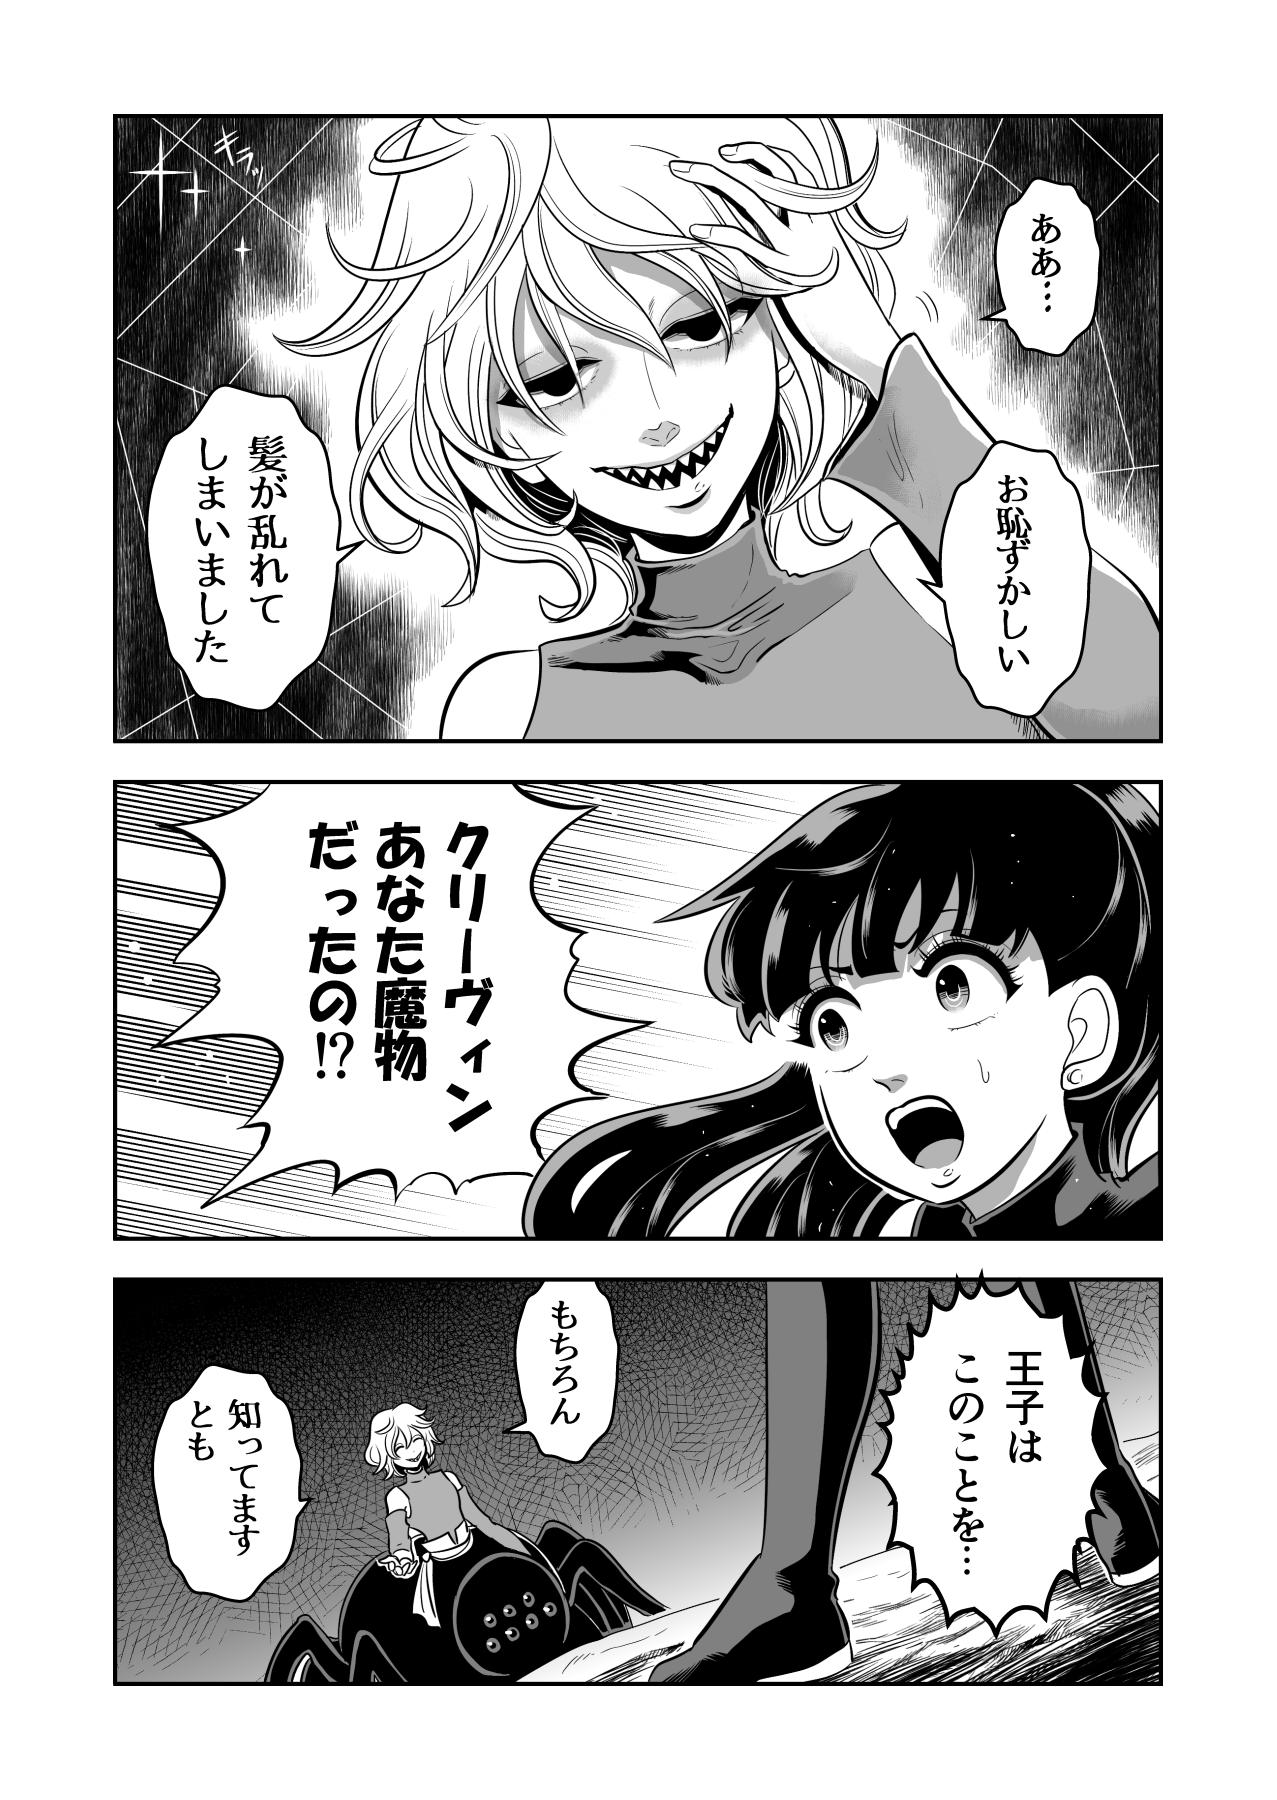 ヤサグレ魔女と第1王子と吸血鬼①0074